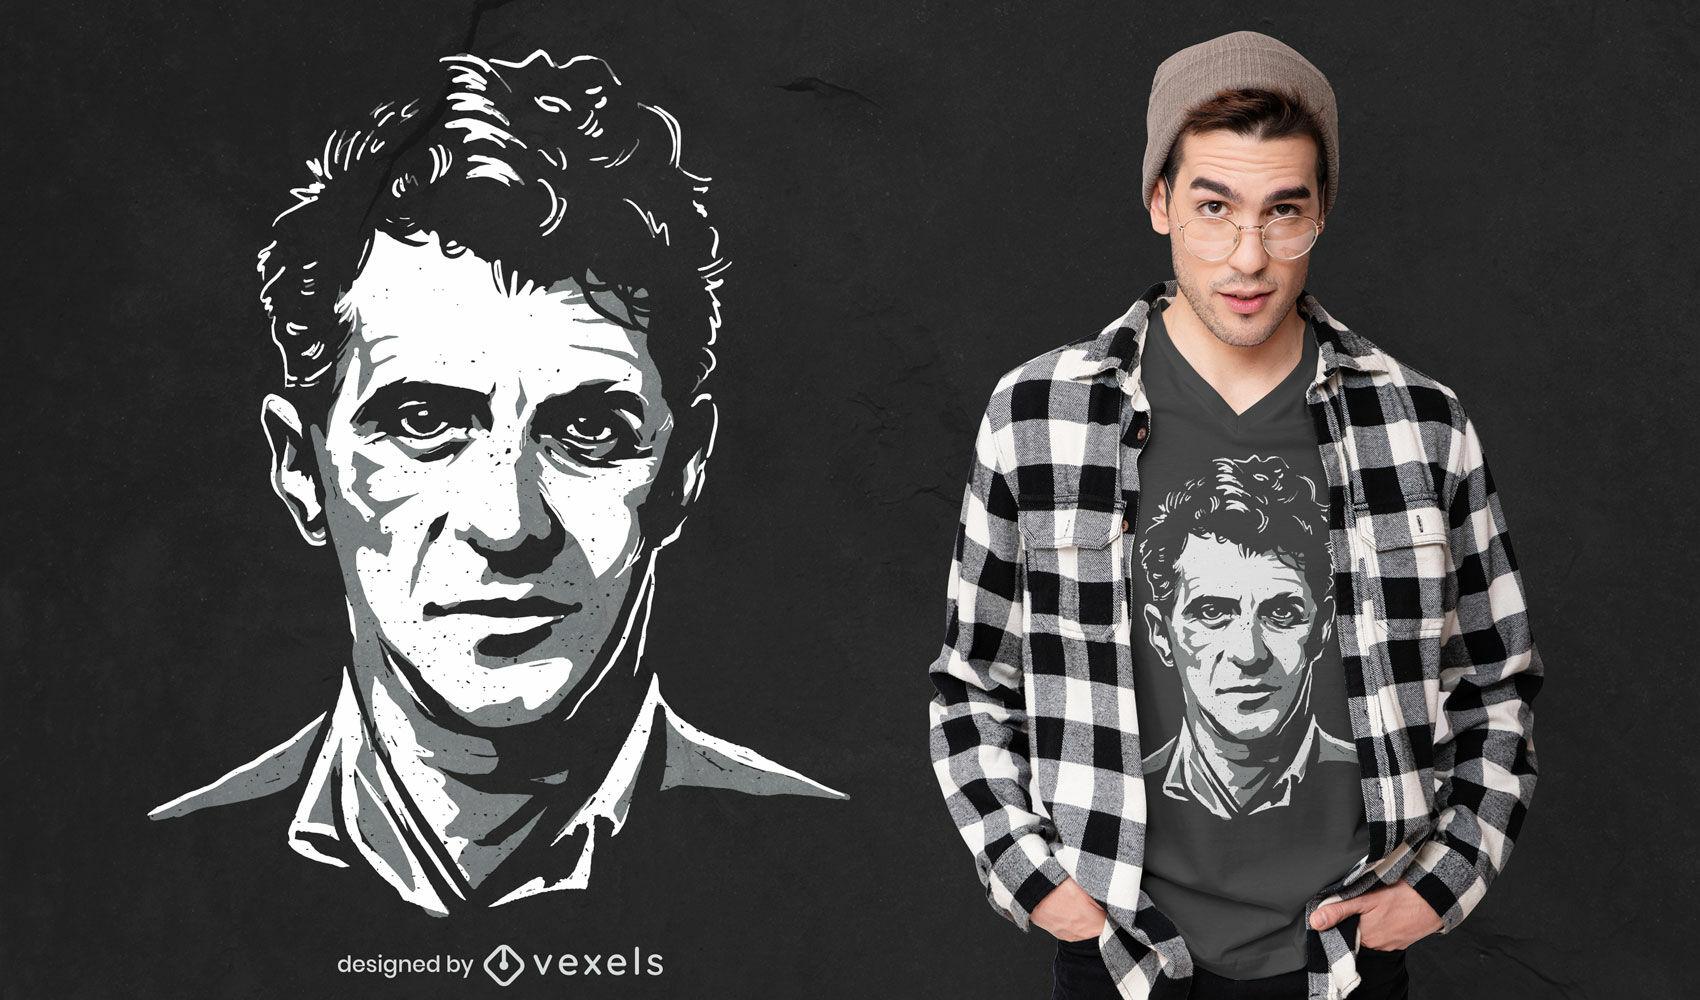 Ludwig Wittgenstein monochromatic t-shirt design